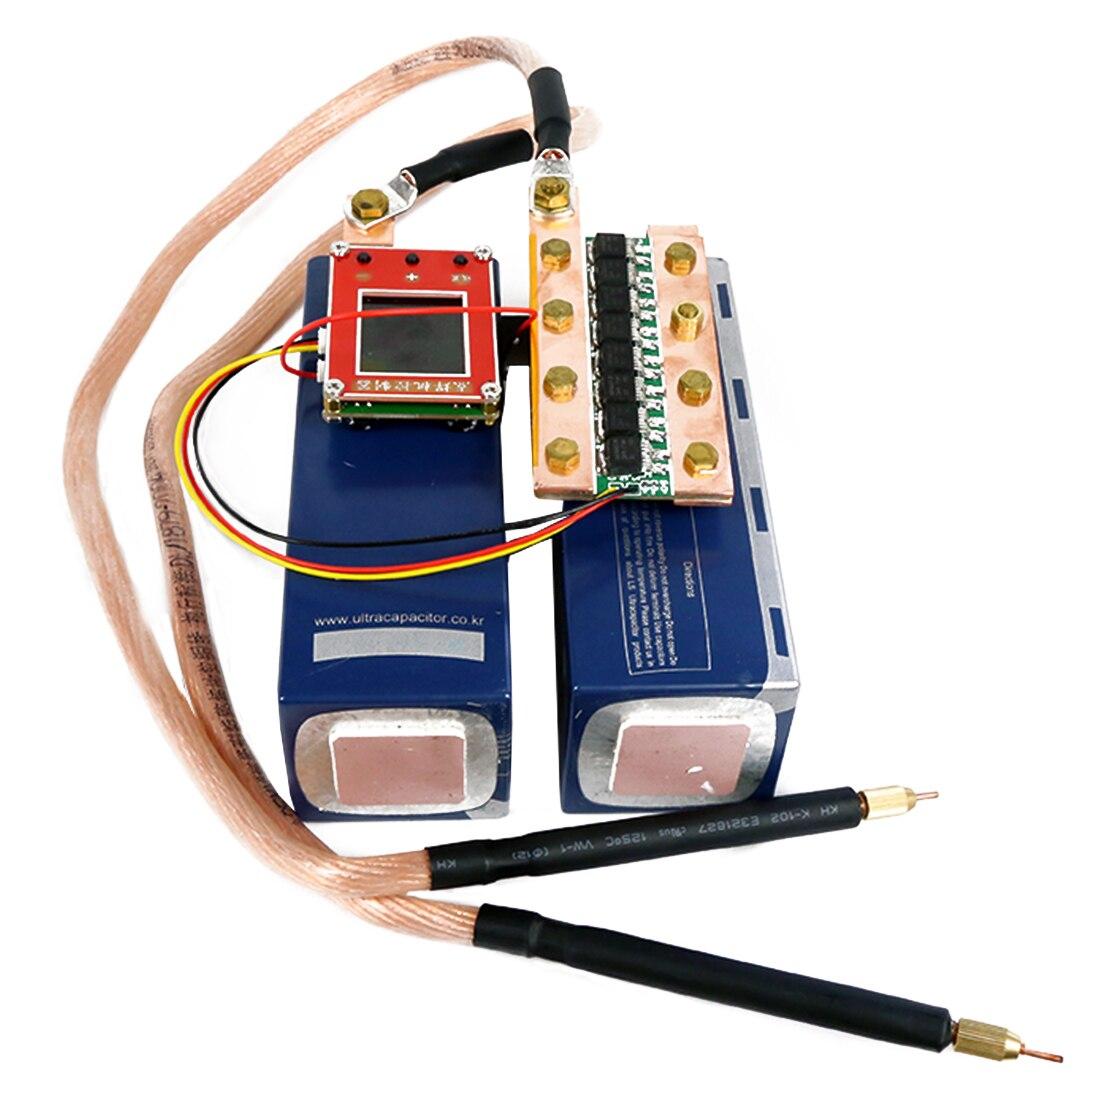 DIY Portable Spot Welder Nickel Sheet Fara Capacitor Spot Welder For 5V Power Supply For Kids Developmental Early Education Toys